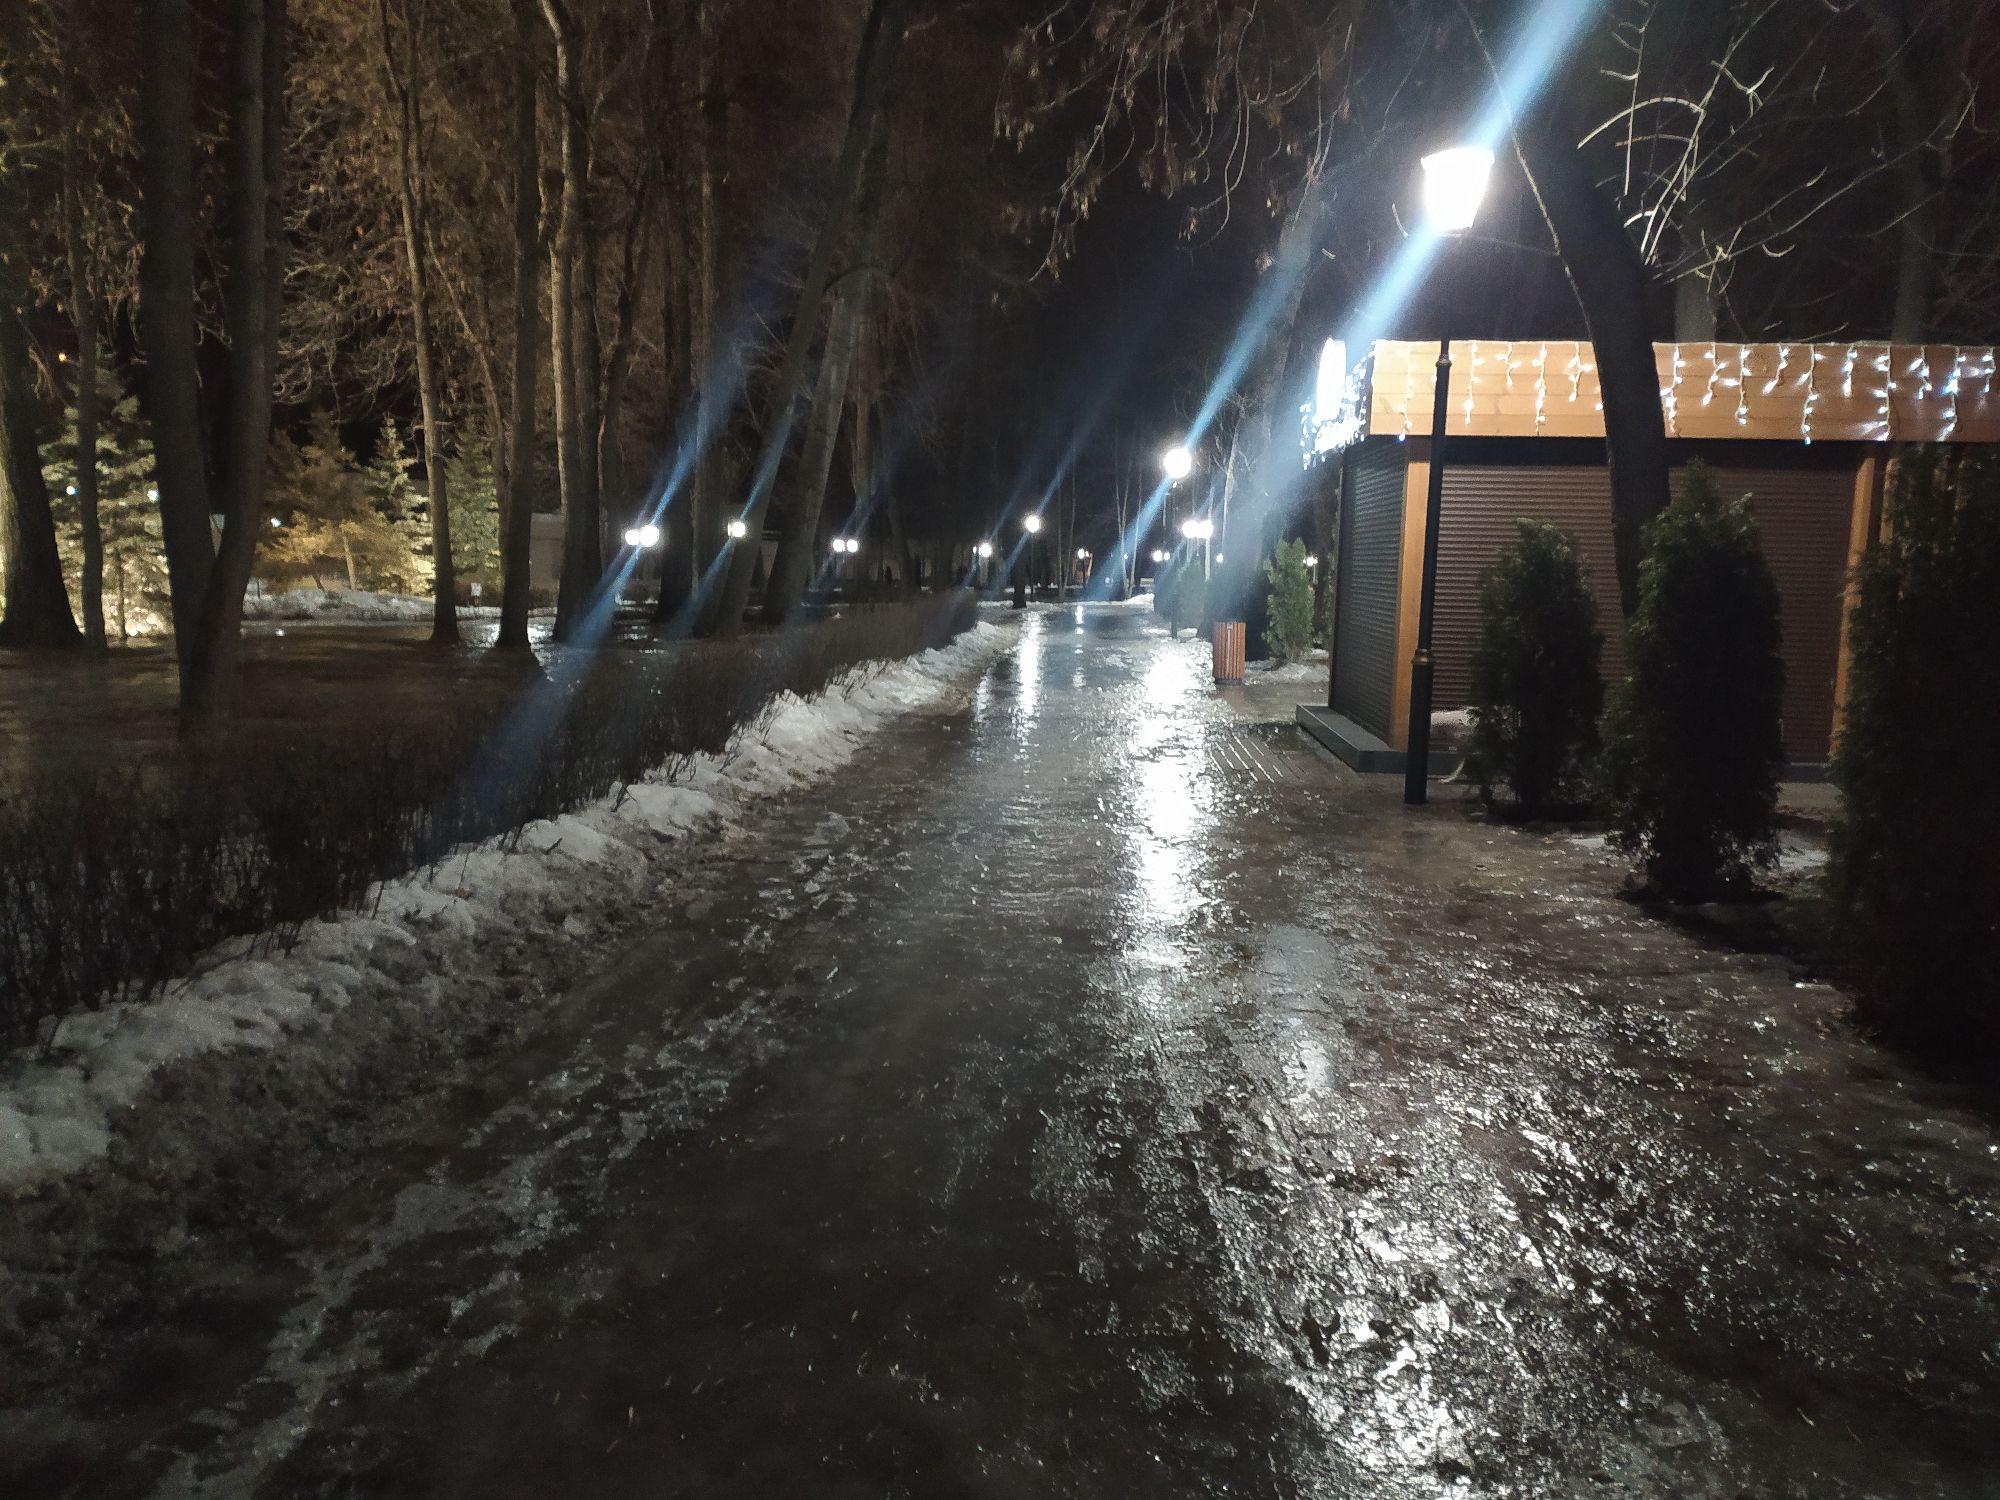 Нижний парк Липецк. Не скучная прогулка гарантирована!